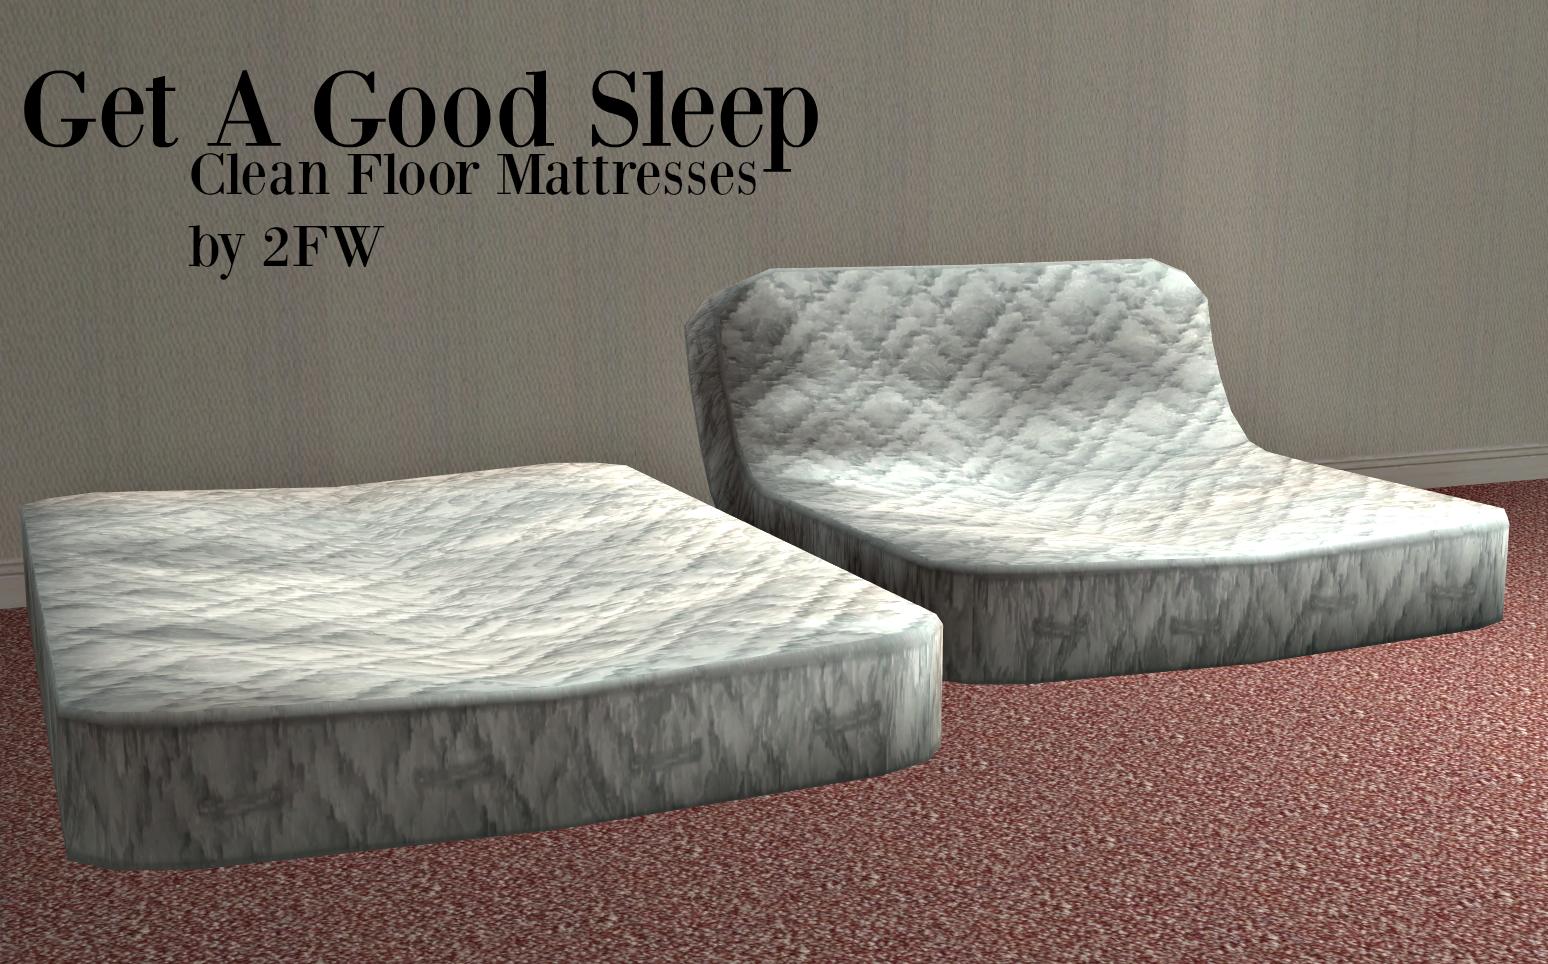 Get A Good Sleep Clean Floor Mattresses Mattress on